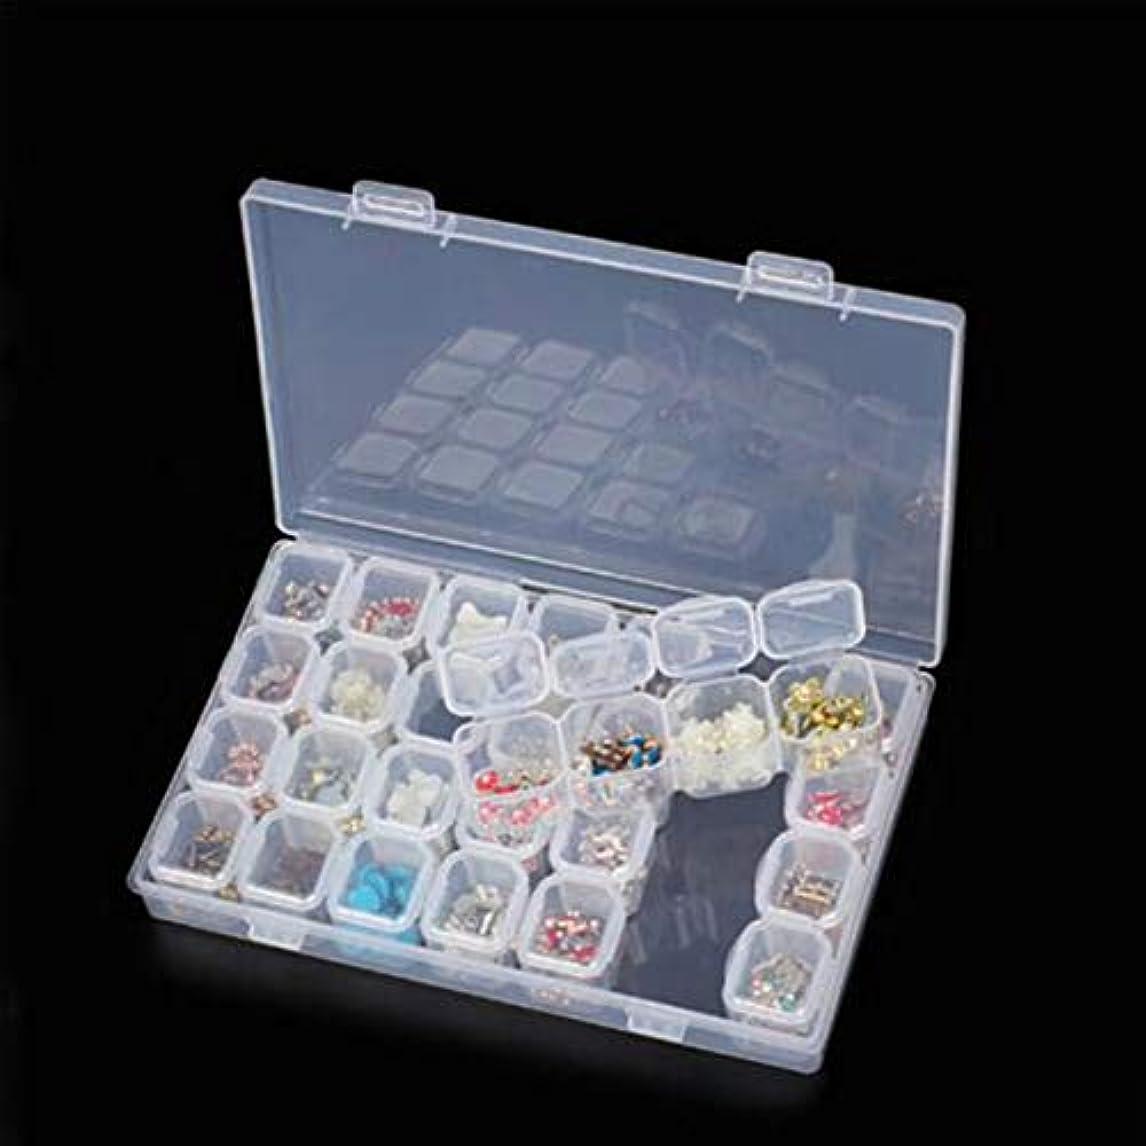 資本資源に負ける28スロットプラスチック収納ボックスボックスダイヤモンド塗装キットネールアートラインツールズ収納収納ボックスケースオーガナイザーホルダー(透明)